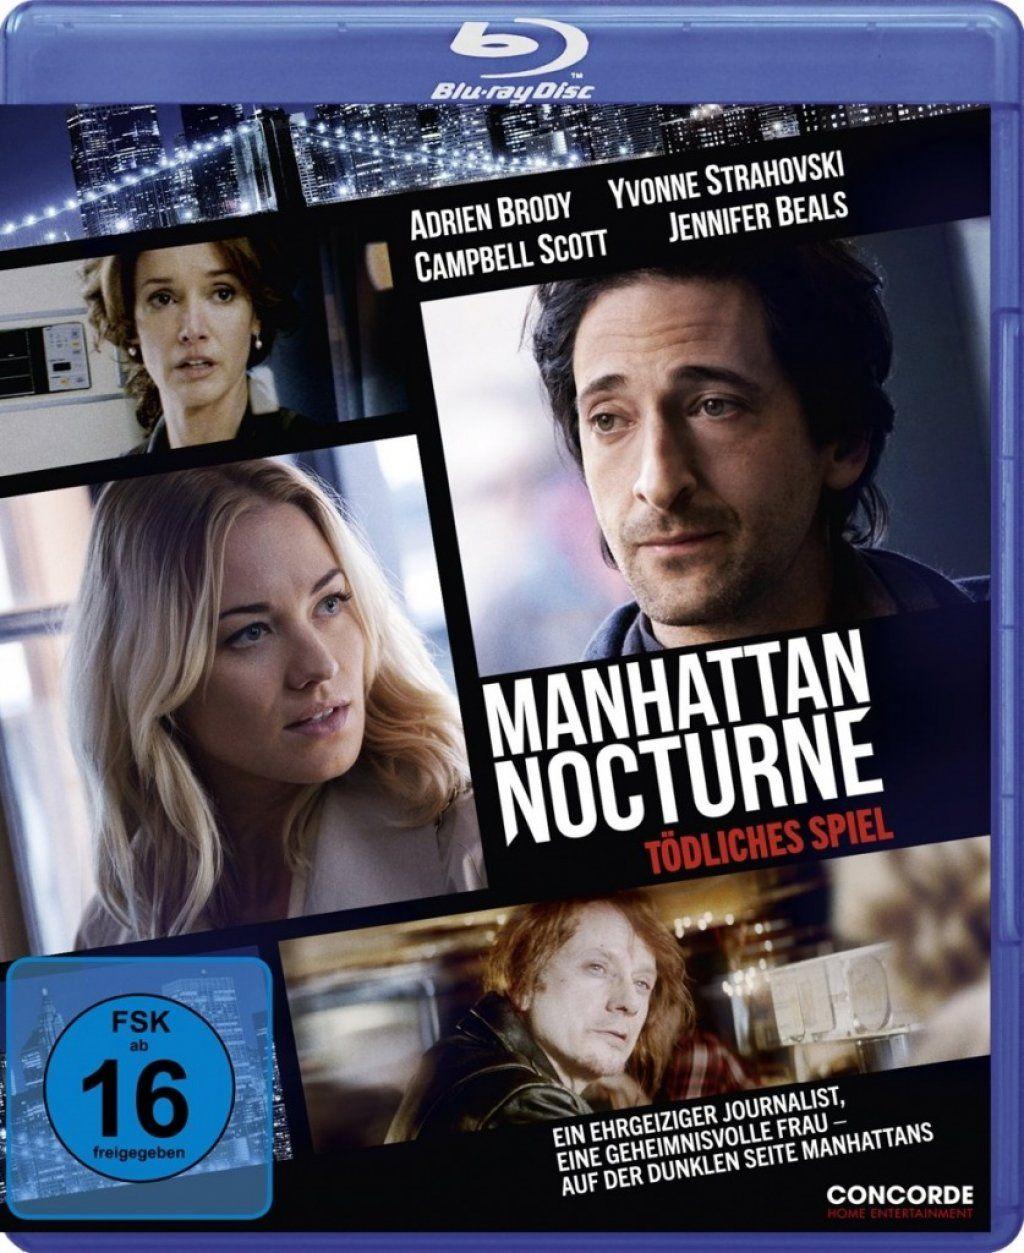 Manhattan Nocturne - Tödliches Spiel (BLURAY)